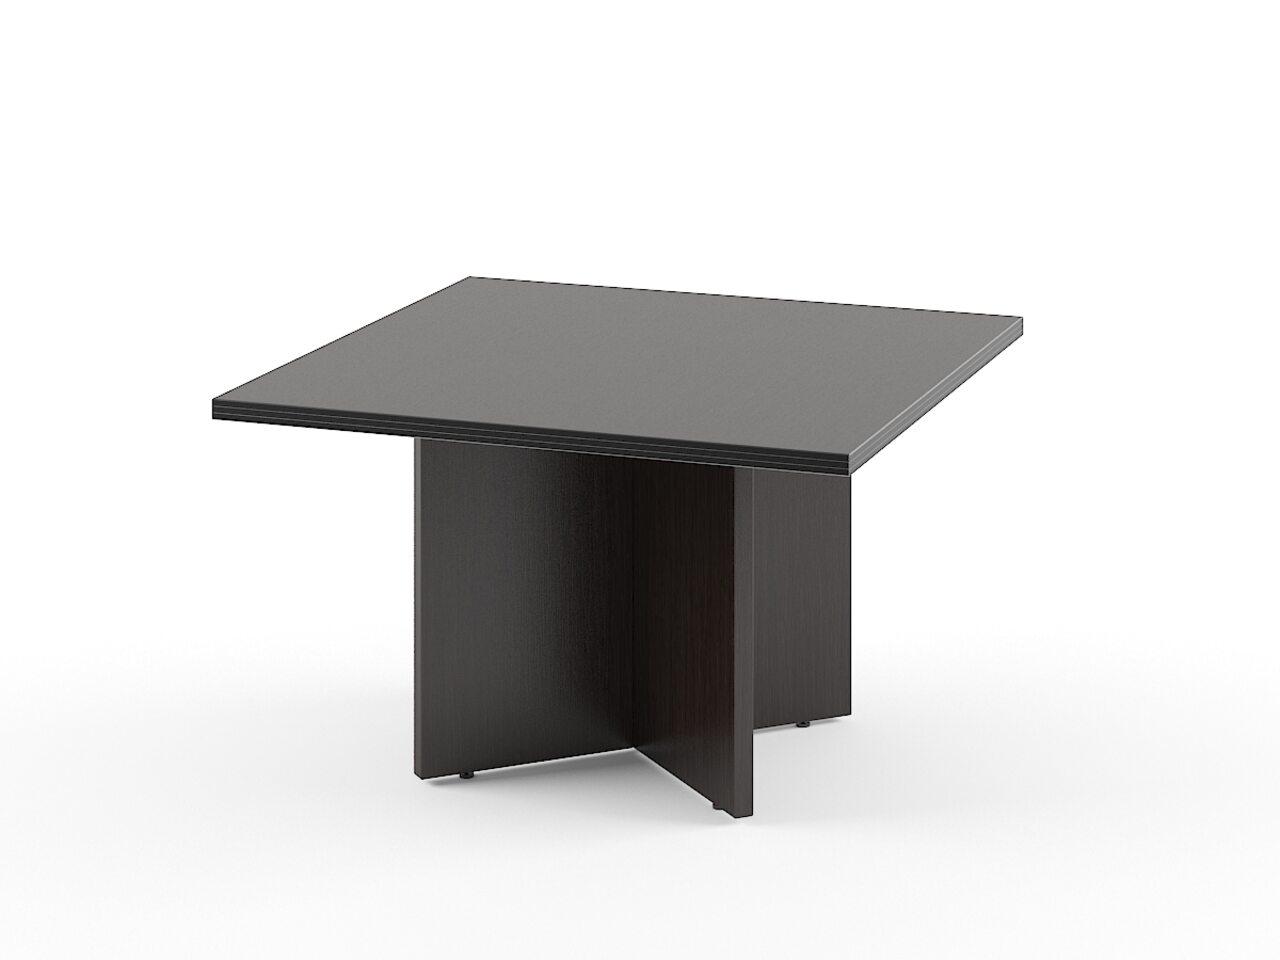 Конференц-стол TORR 120x120x75 - фото 2